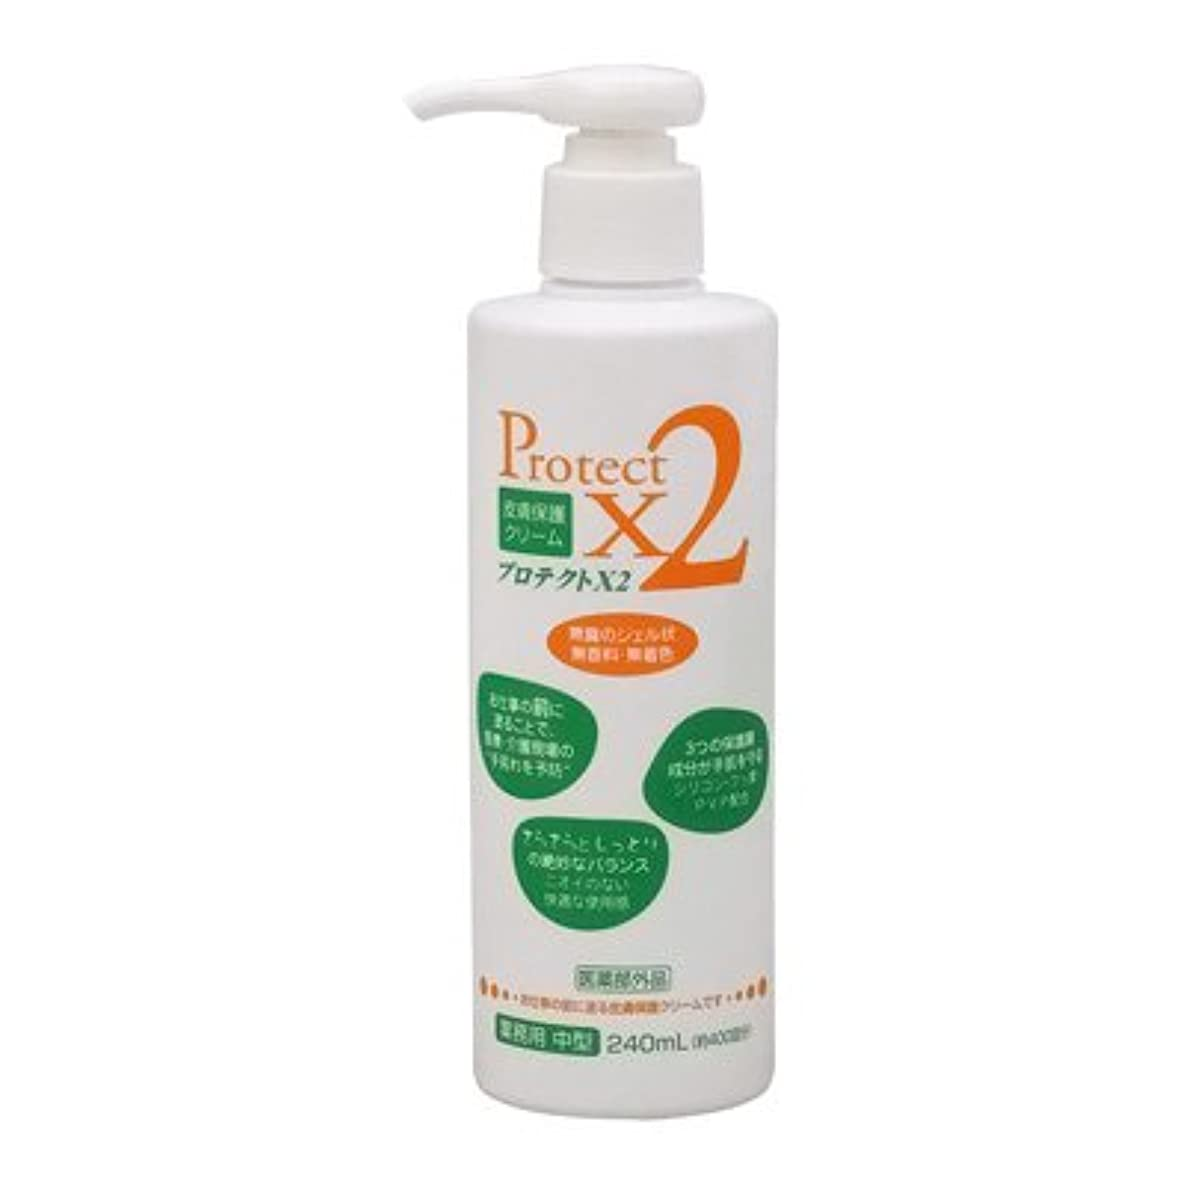 解明する化粧迷惑皮膚保護クリーム プロテクトX2 240ml(中型)